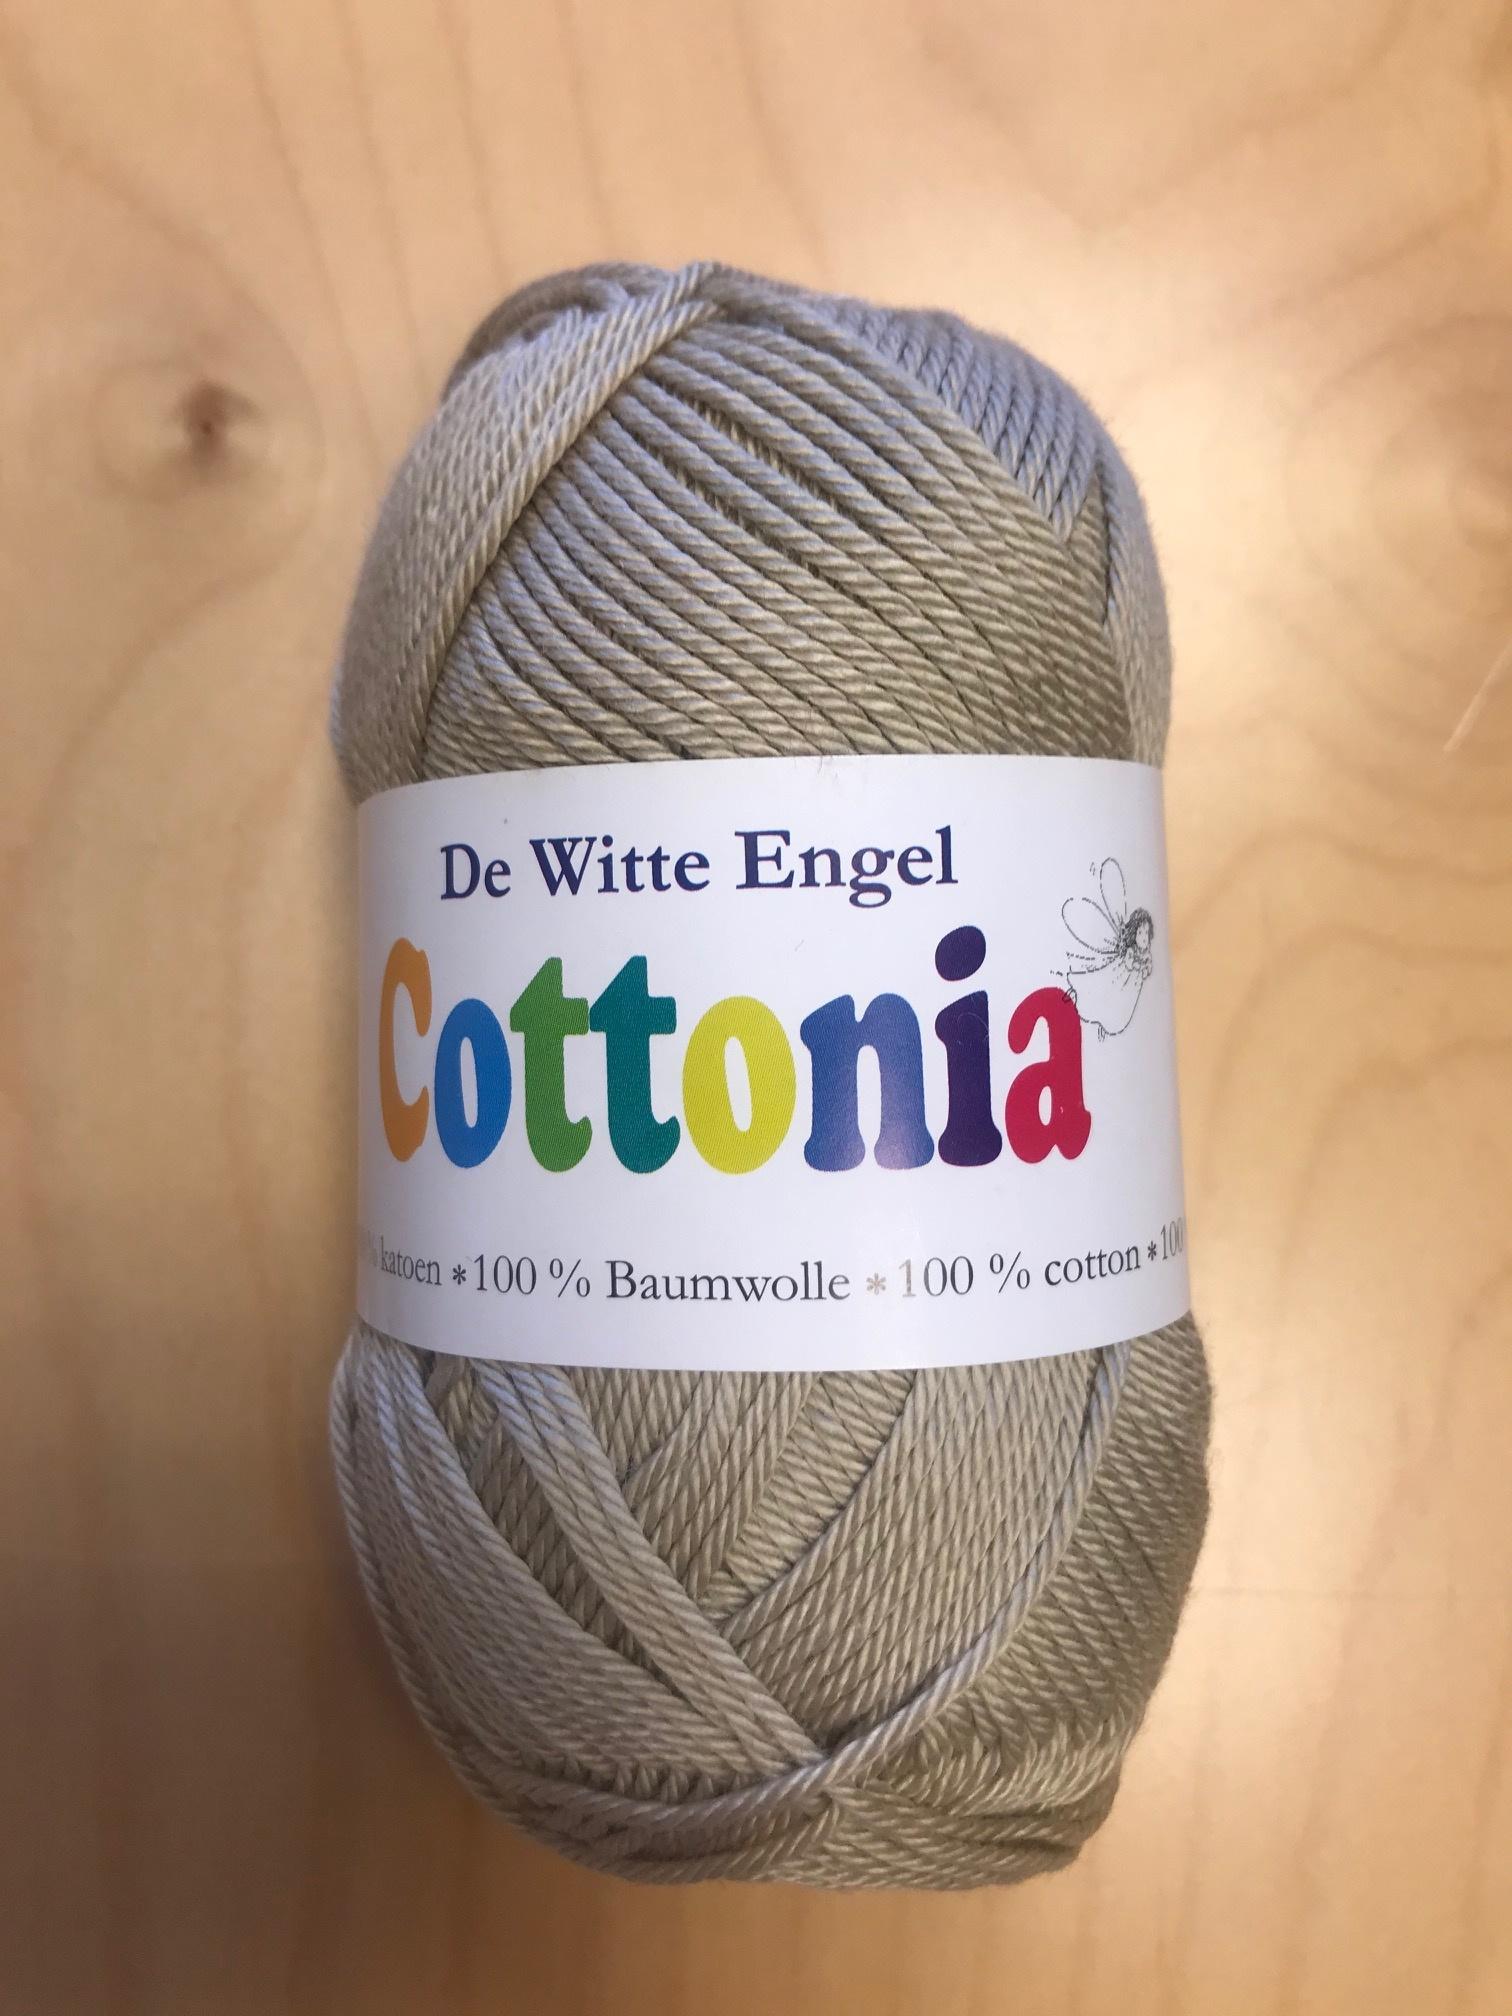 De Witte Engel De Witte Engel Cottonia brei- en haakkatoen - Beige 214